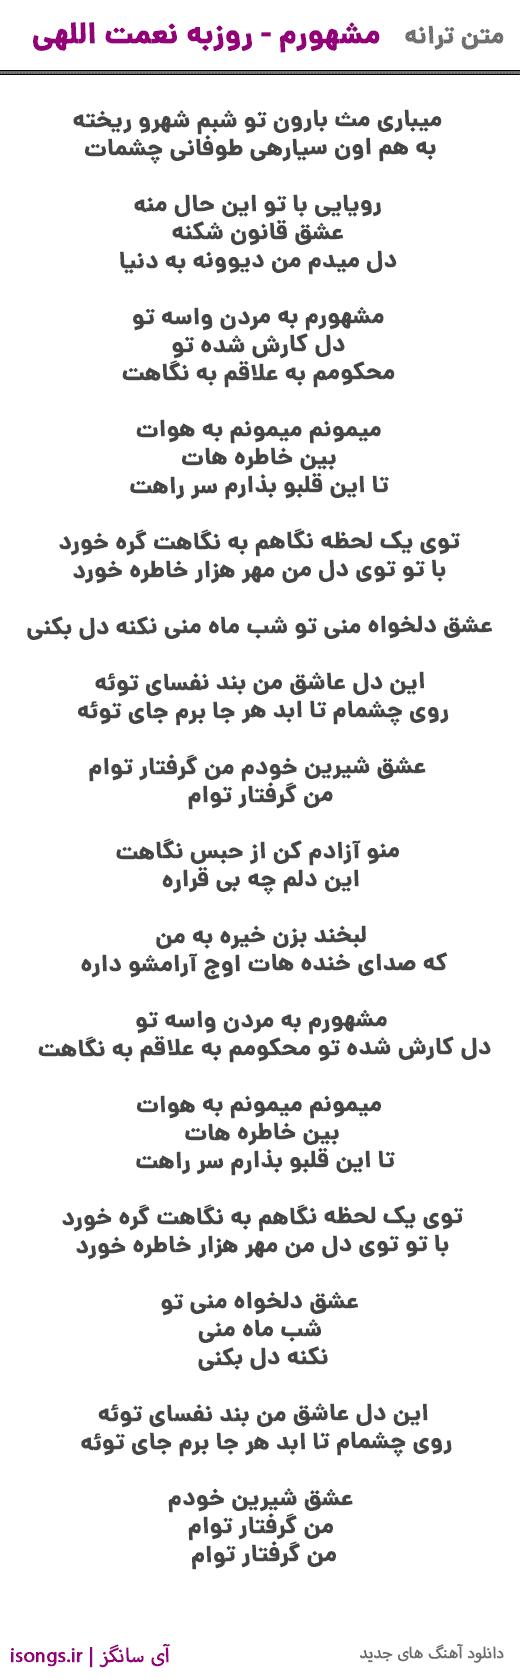 متن آهنگ معروف من از روزبه نعمت اللهی به عنوان عکس